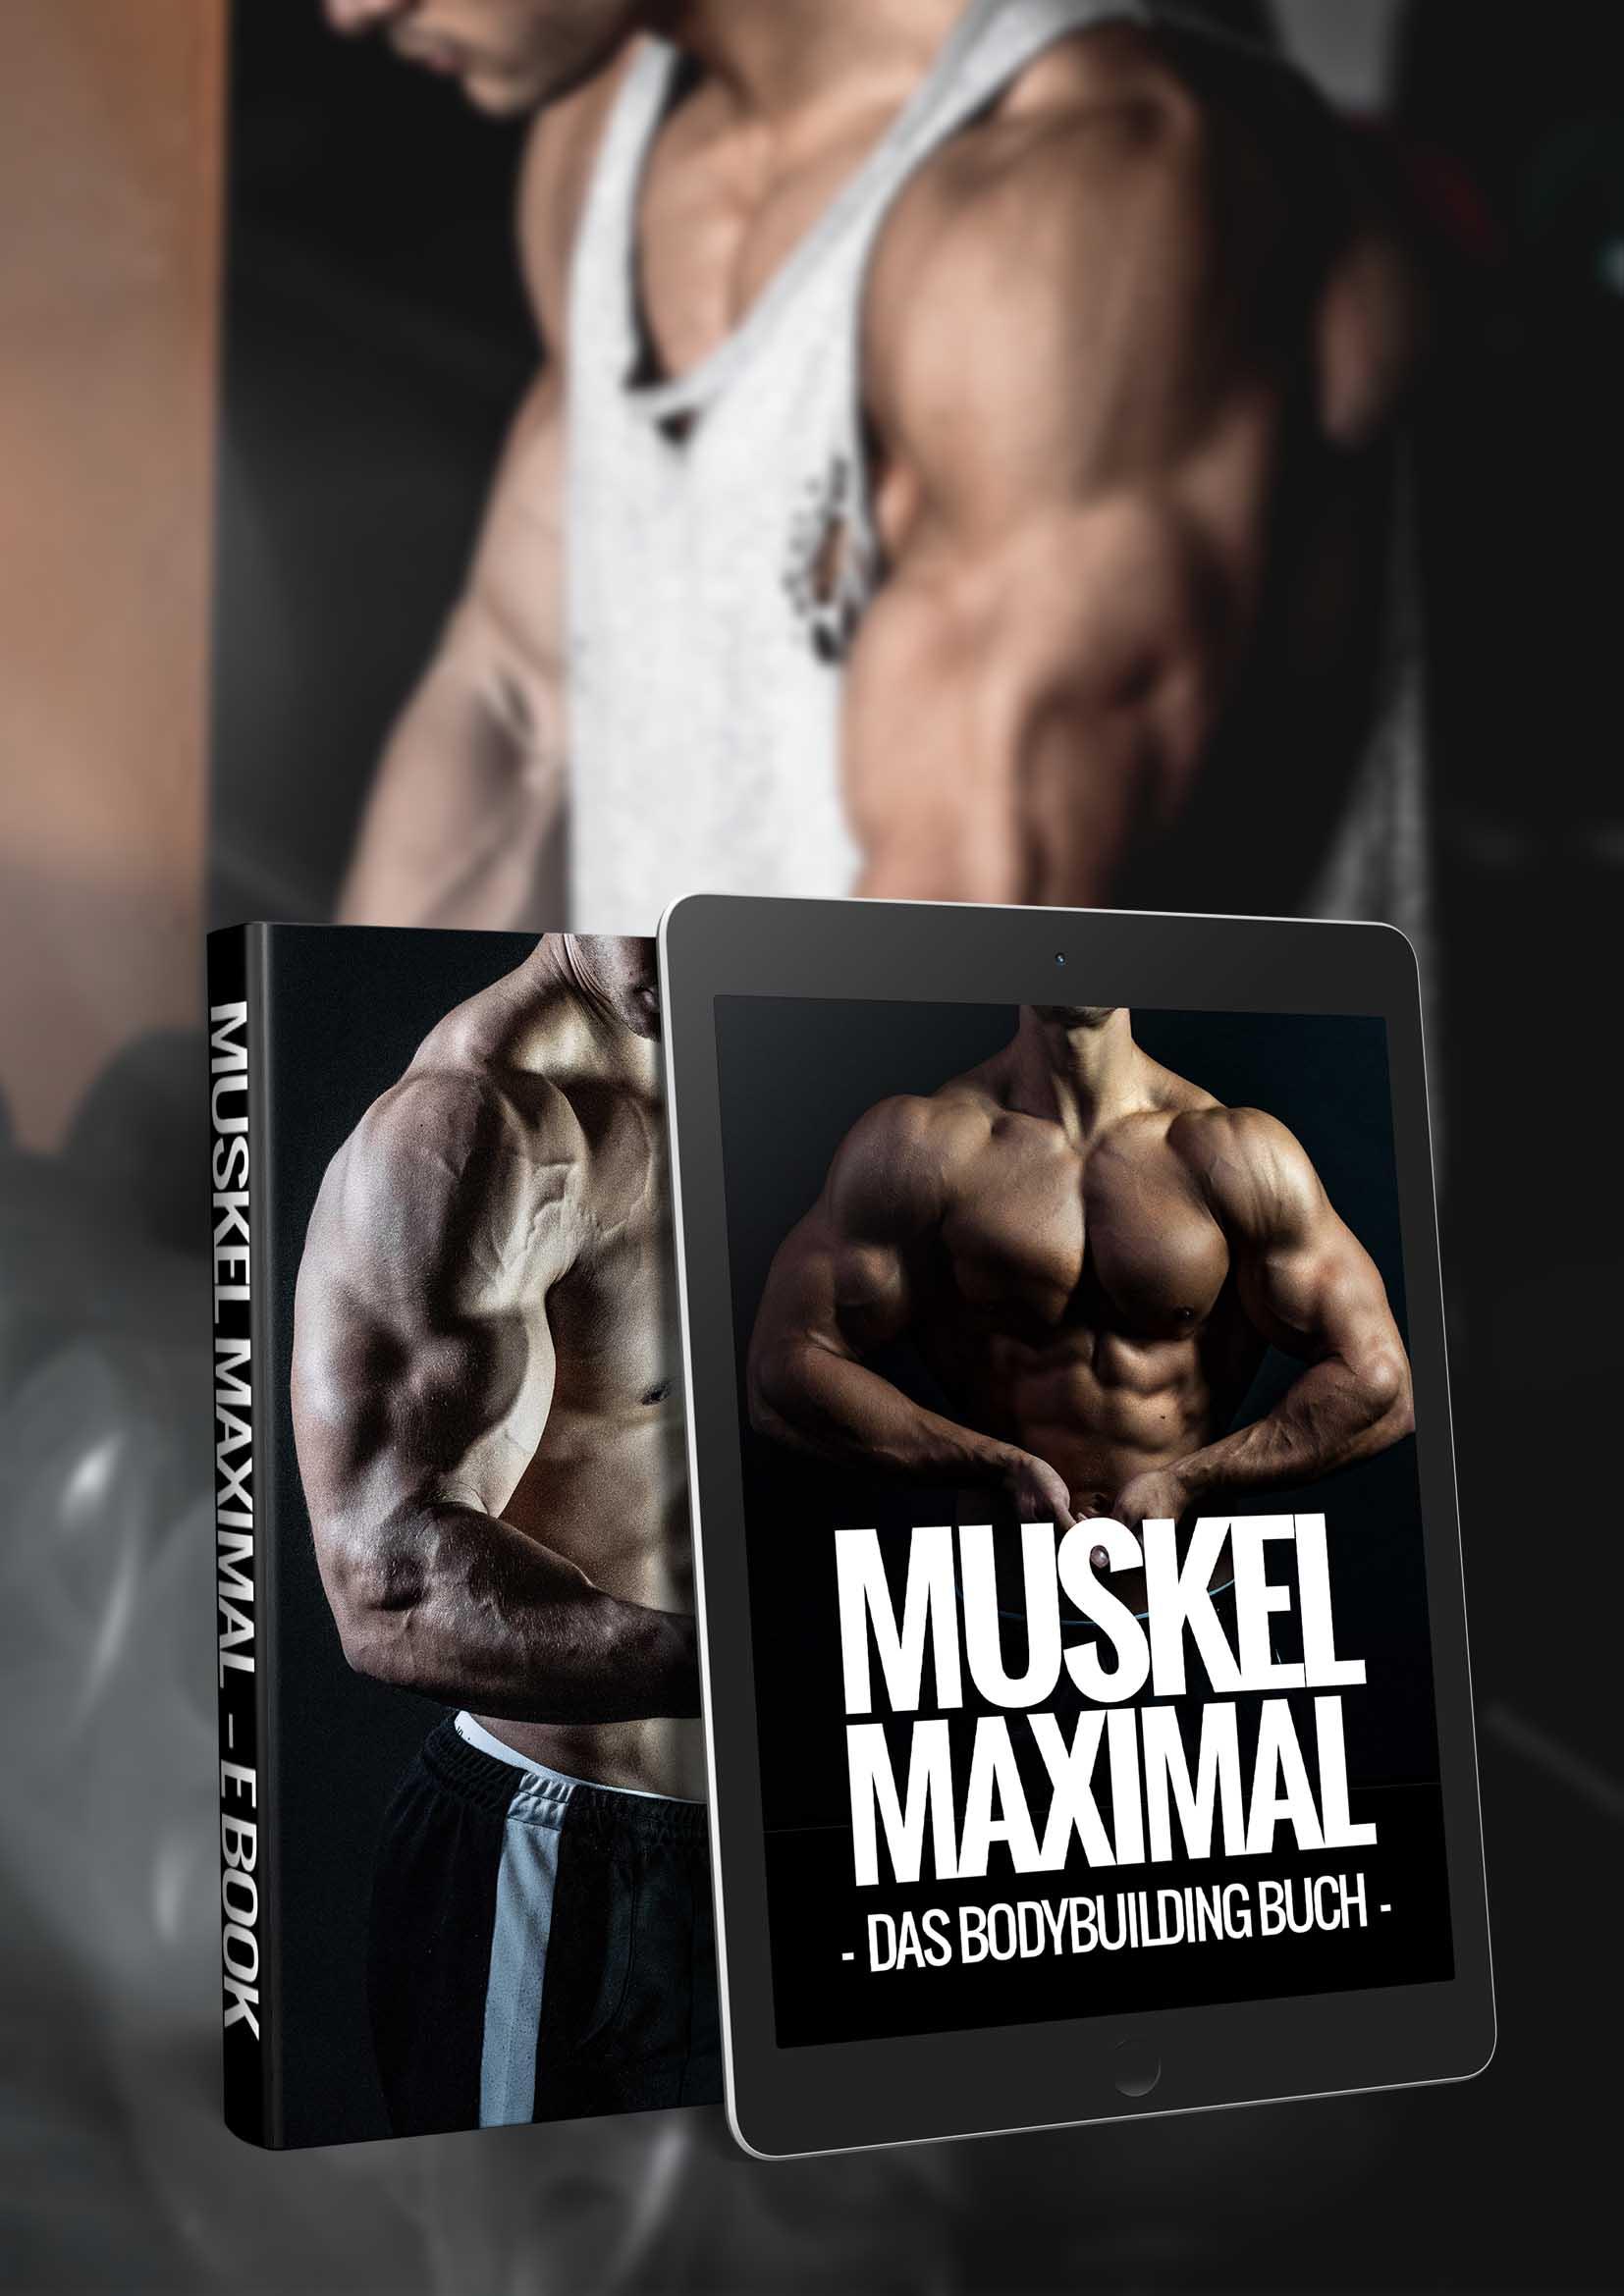 Muskel Maximal Maximaler Muskelaufbau Trainingspläne